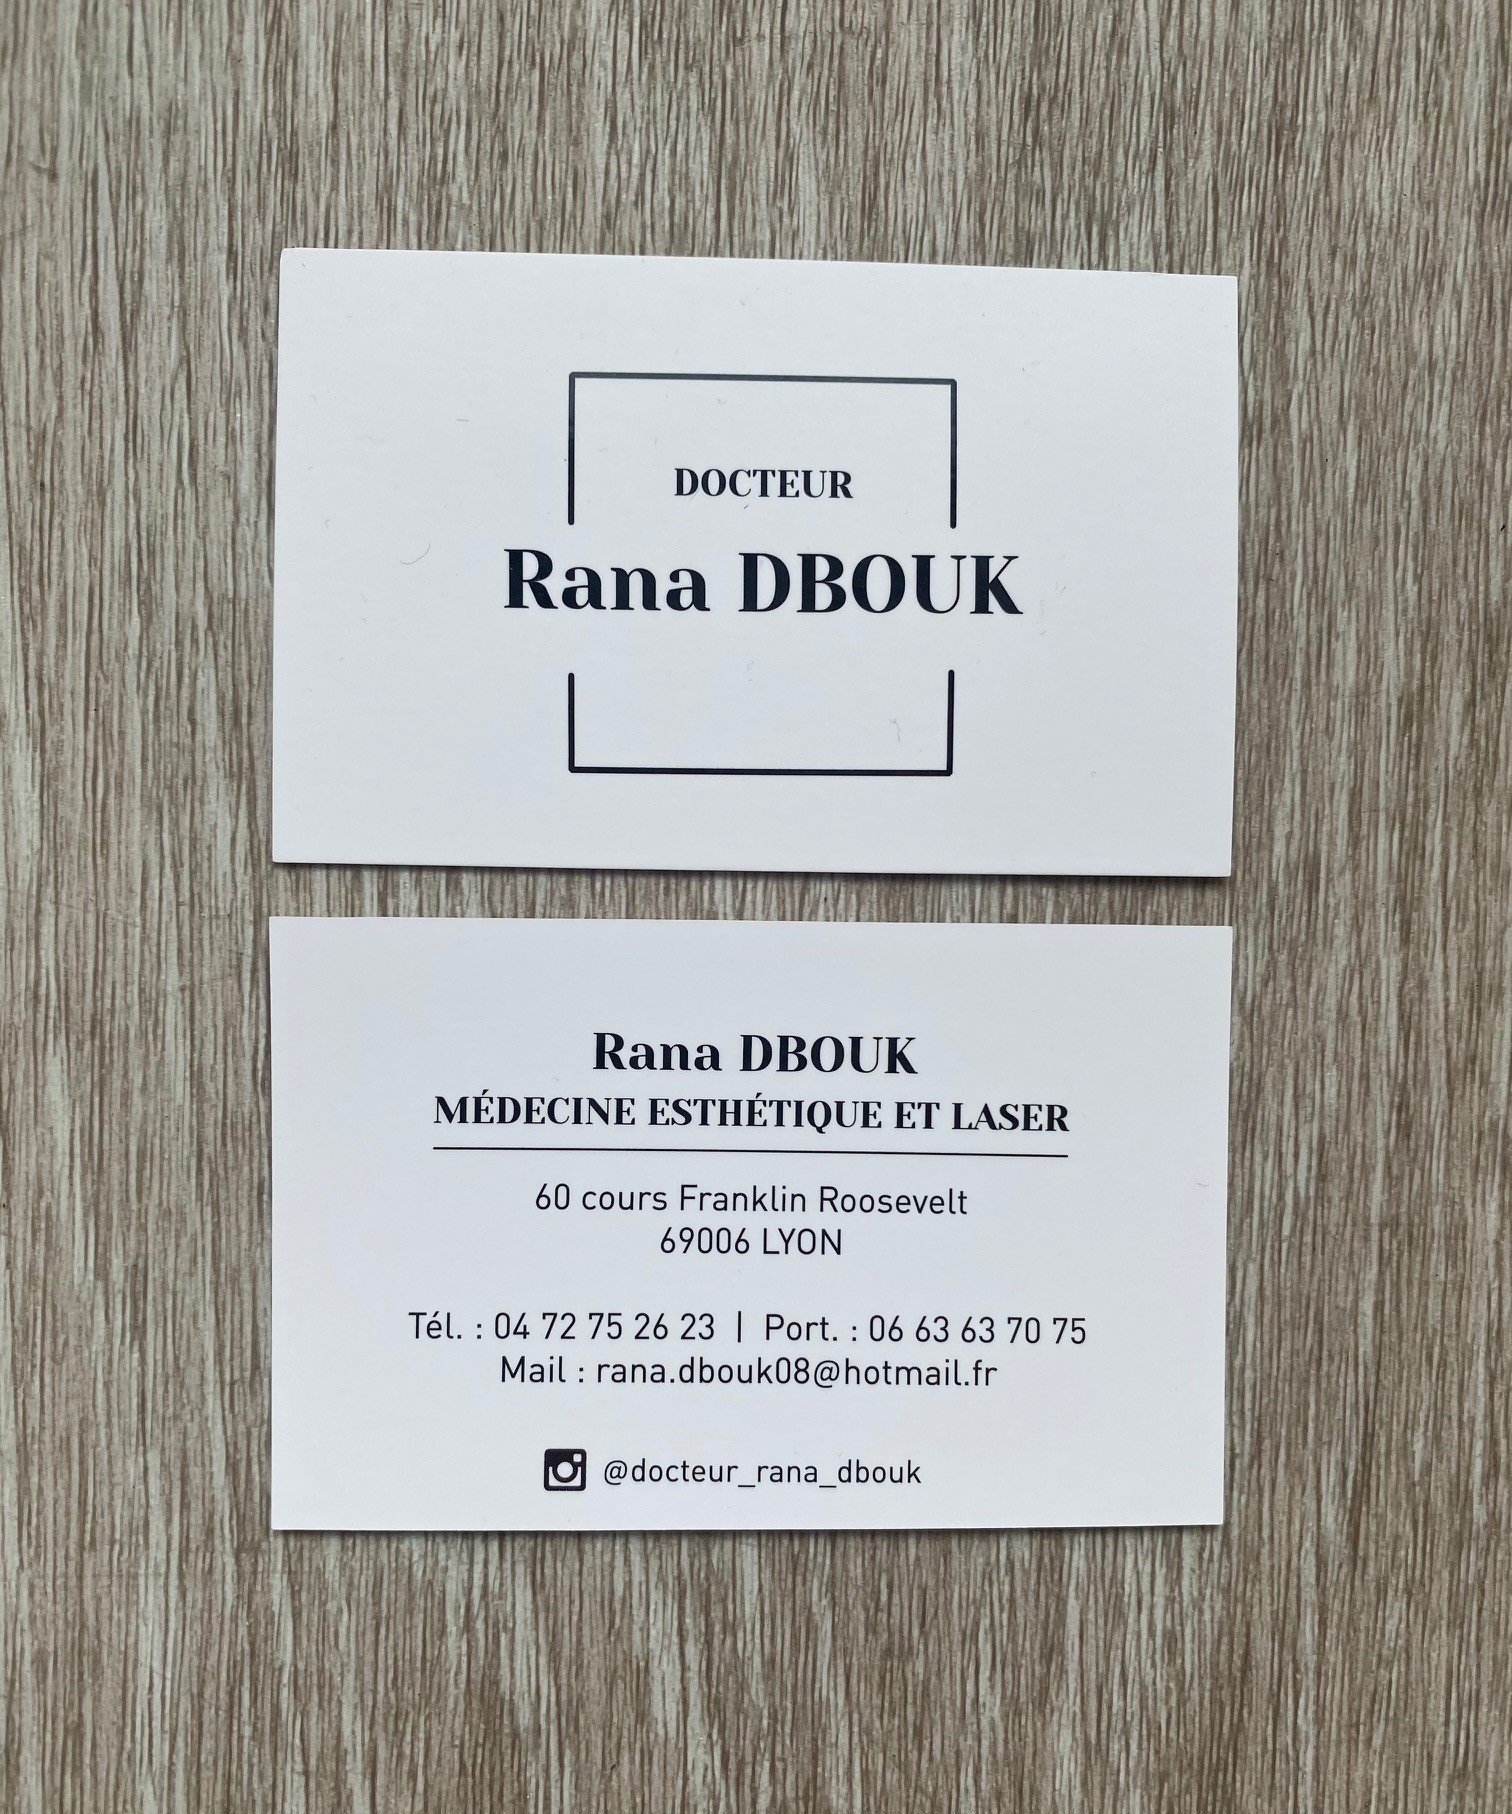 Carte de visite Docteur DBOUK